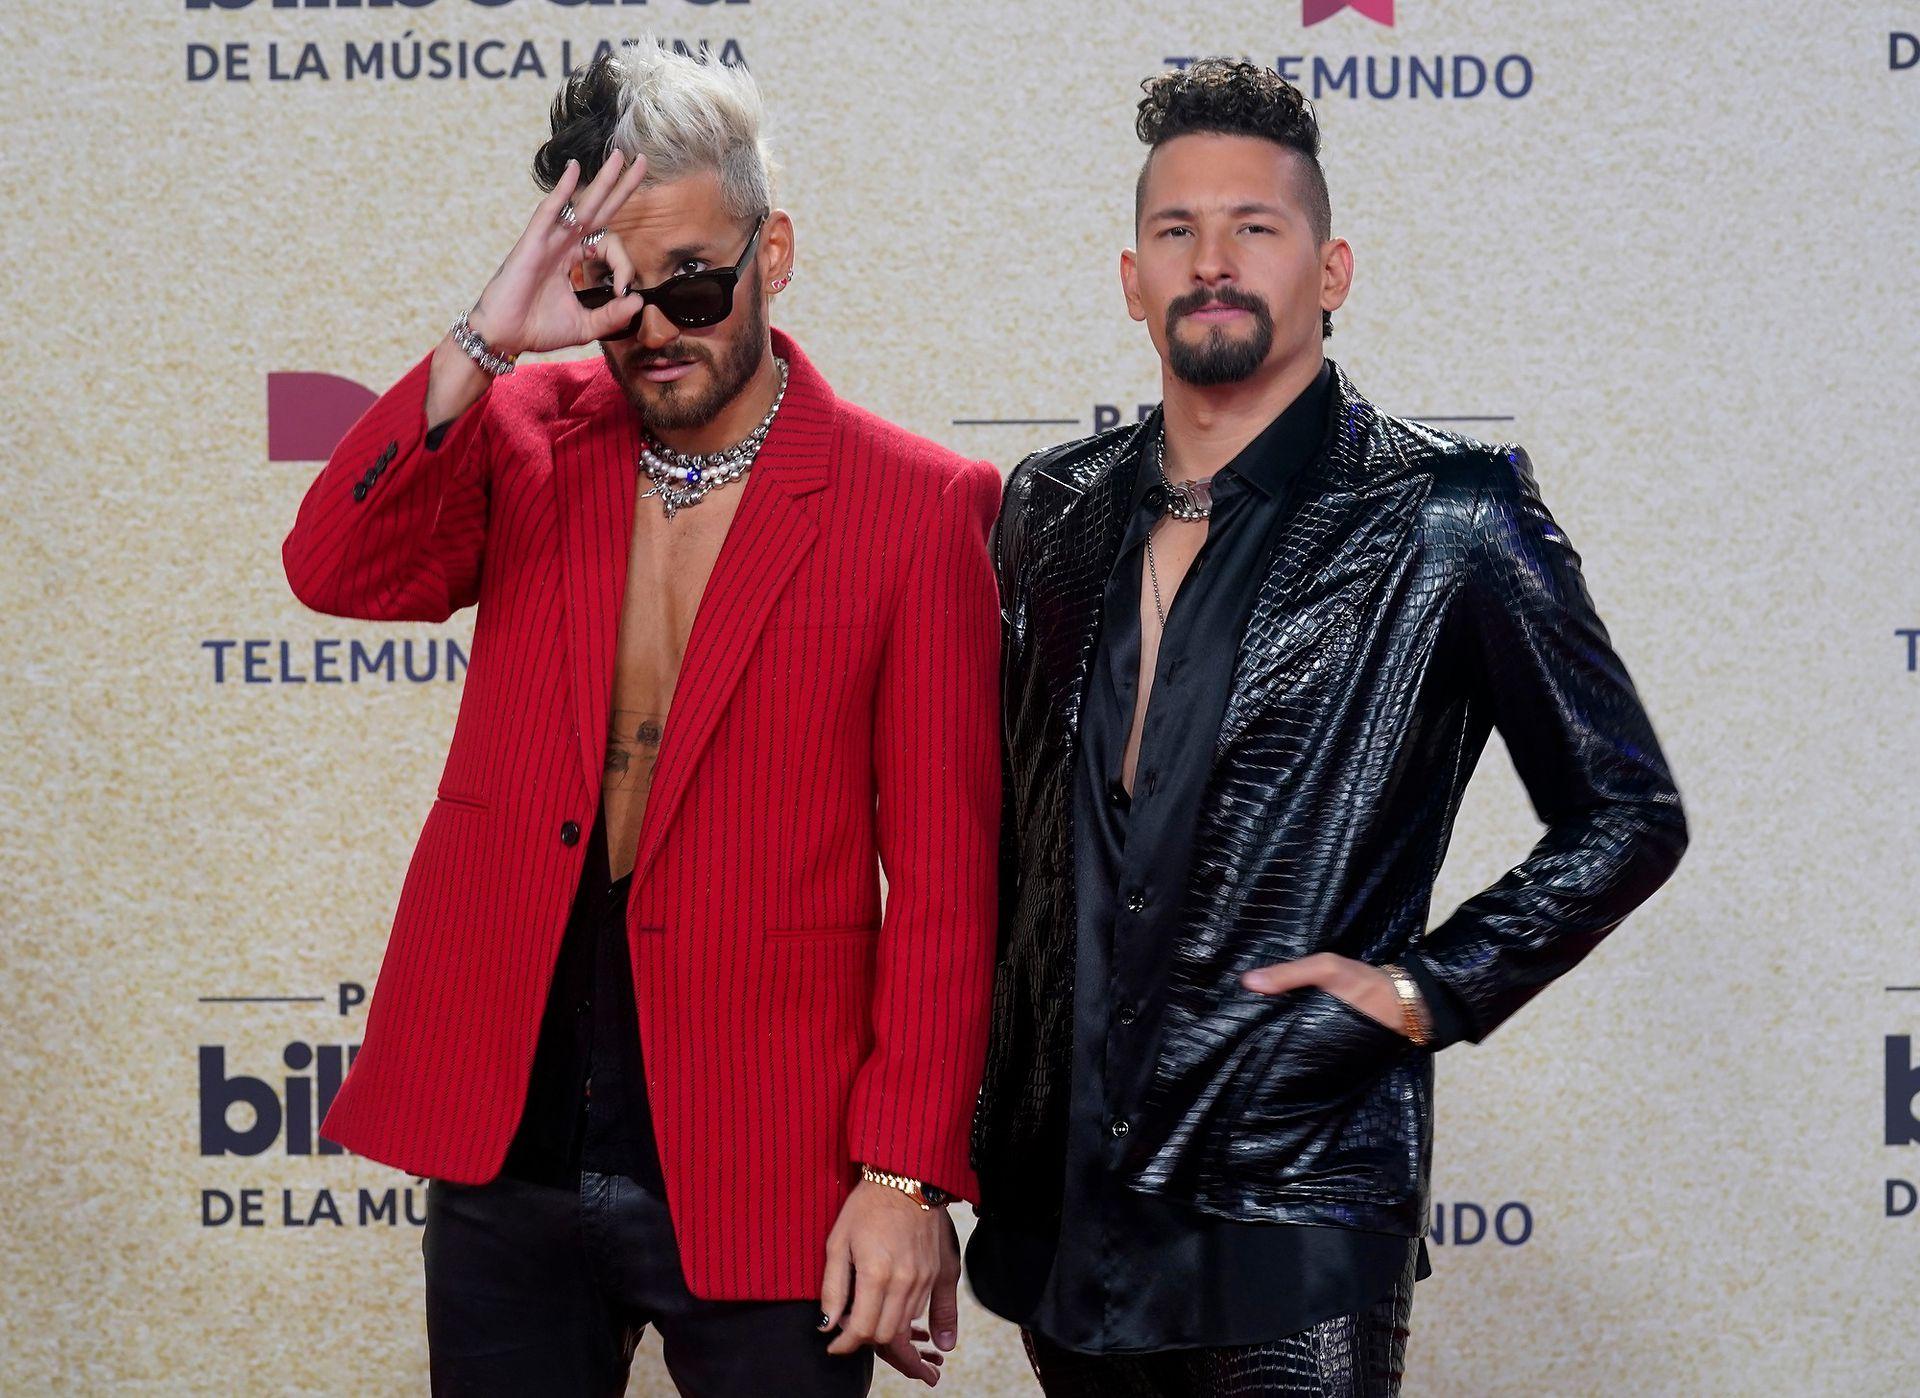 """Ricky Montaner y Mauricio Montaner de """"Mau y Ricky"""" participaron en los Premios Billboard de la Música Latina con su canción """"Besos a cualquier horario"""", que lanzaron junto a Carlos Vives y su hija Lucy"""